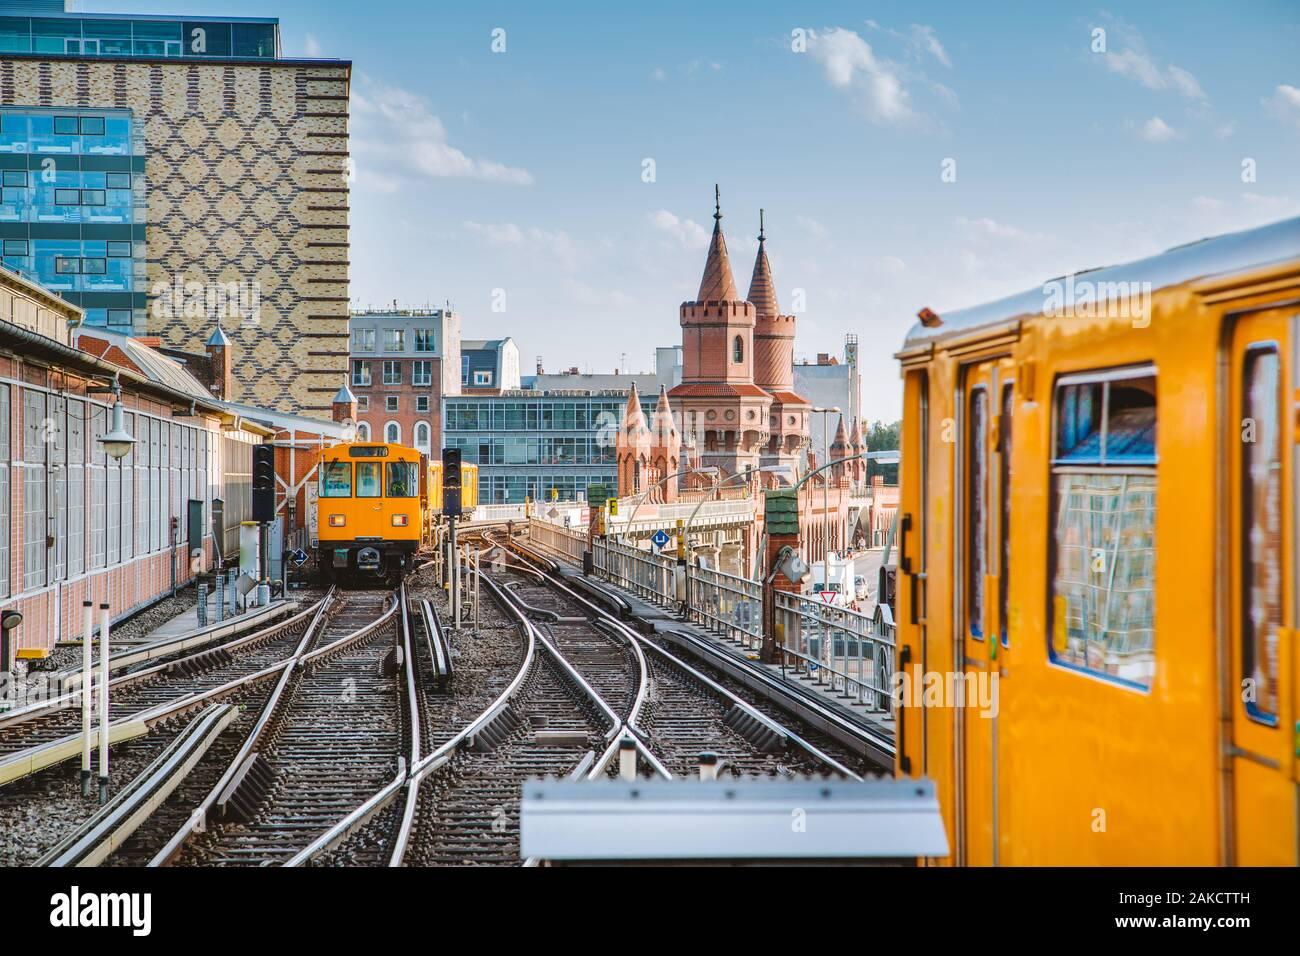 Vue panoramique de Berliner U-Bahn avec Oberbaum Bridge en arrière-plan avec retro style vintage, effet de filtre Berlin Friedrichshain-Kreuzberg Banque D'Images